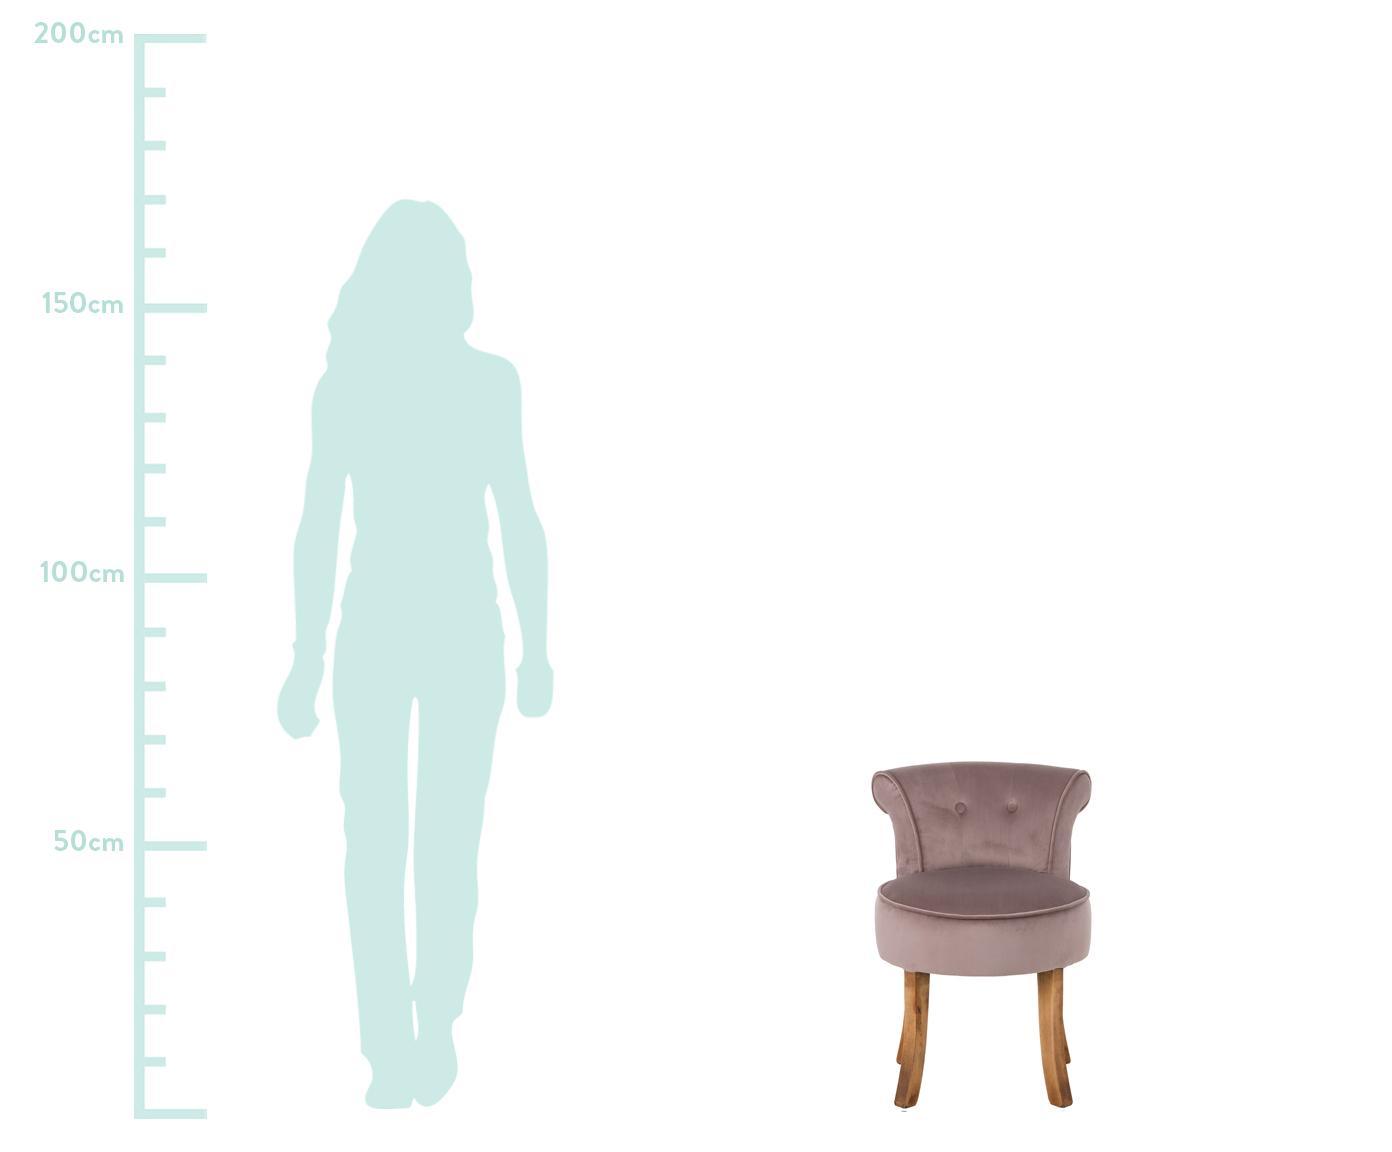 Samt-Hocker Alison mit Rückenlehne, Bezug: Baumwollsamt, Gestell: Holz, Füße: Birkenholz, lackiert, Bezug: Rose.  Beine: Dunkles Holz, 48 x 65 cm